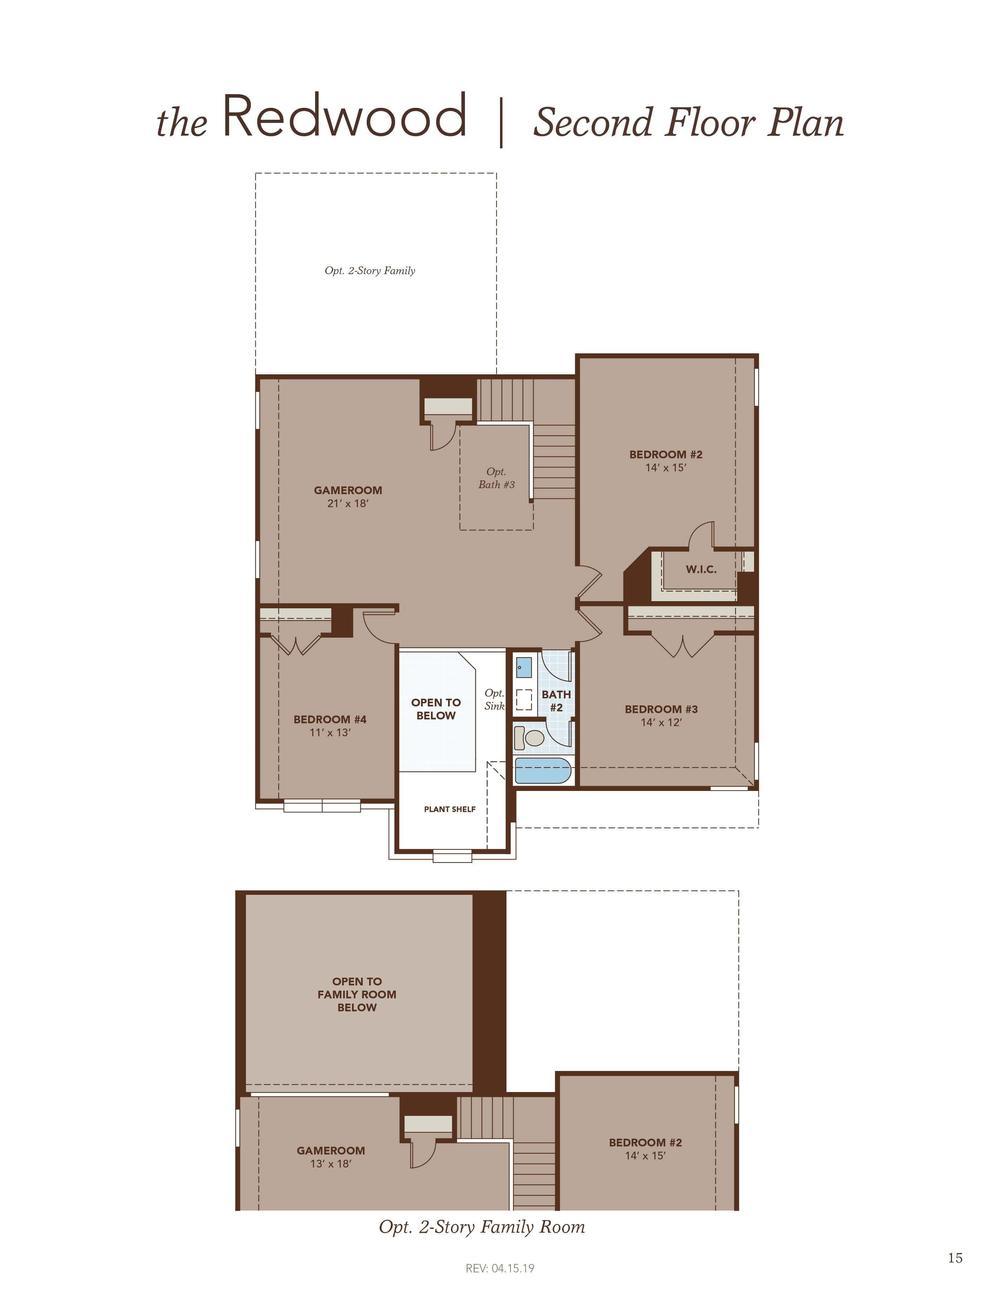 Redwood Second Floor Plan